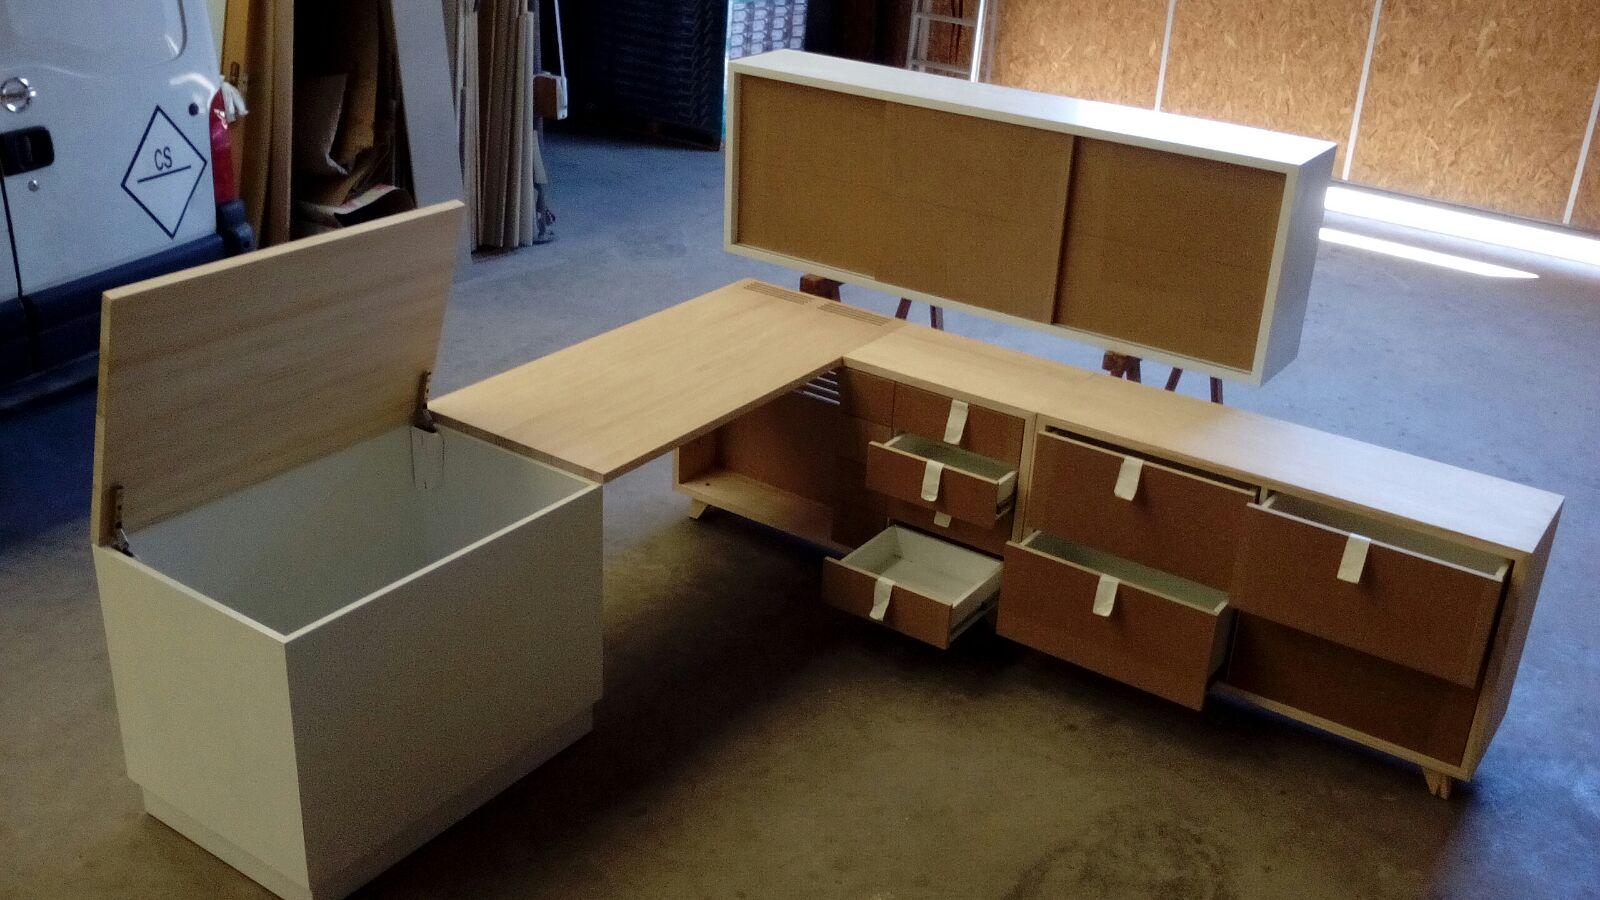 Dormitorio madera a medida carpinter a tablado - Dormitorio a medida ...